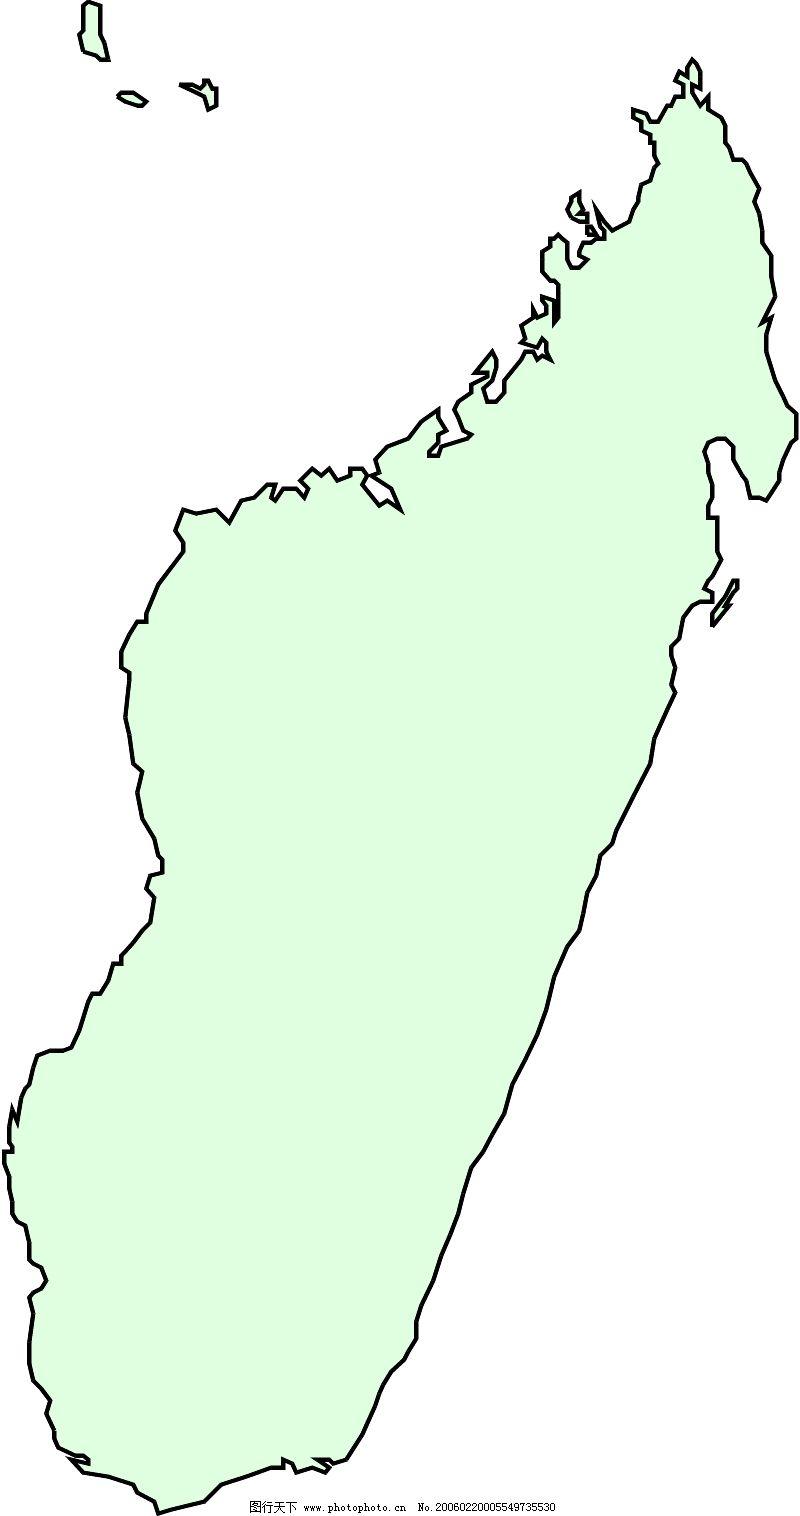 地图 设计 矢量 矢量图 素材 800_1516 竖版 竖屏